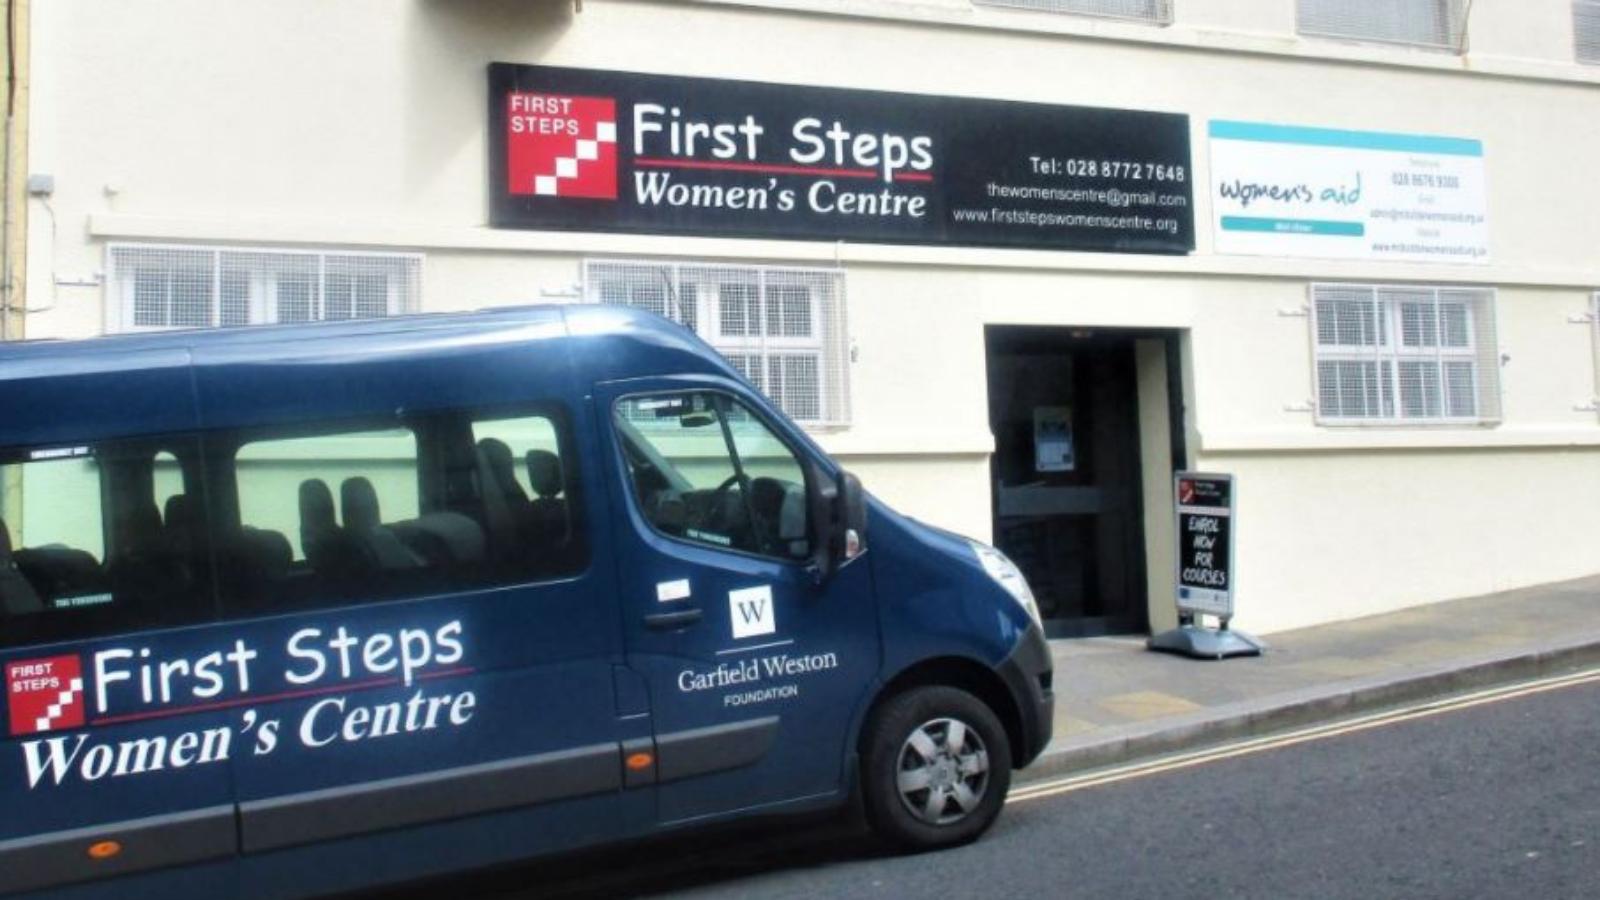 First Steps Women's Centre